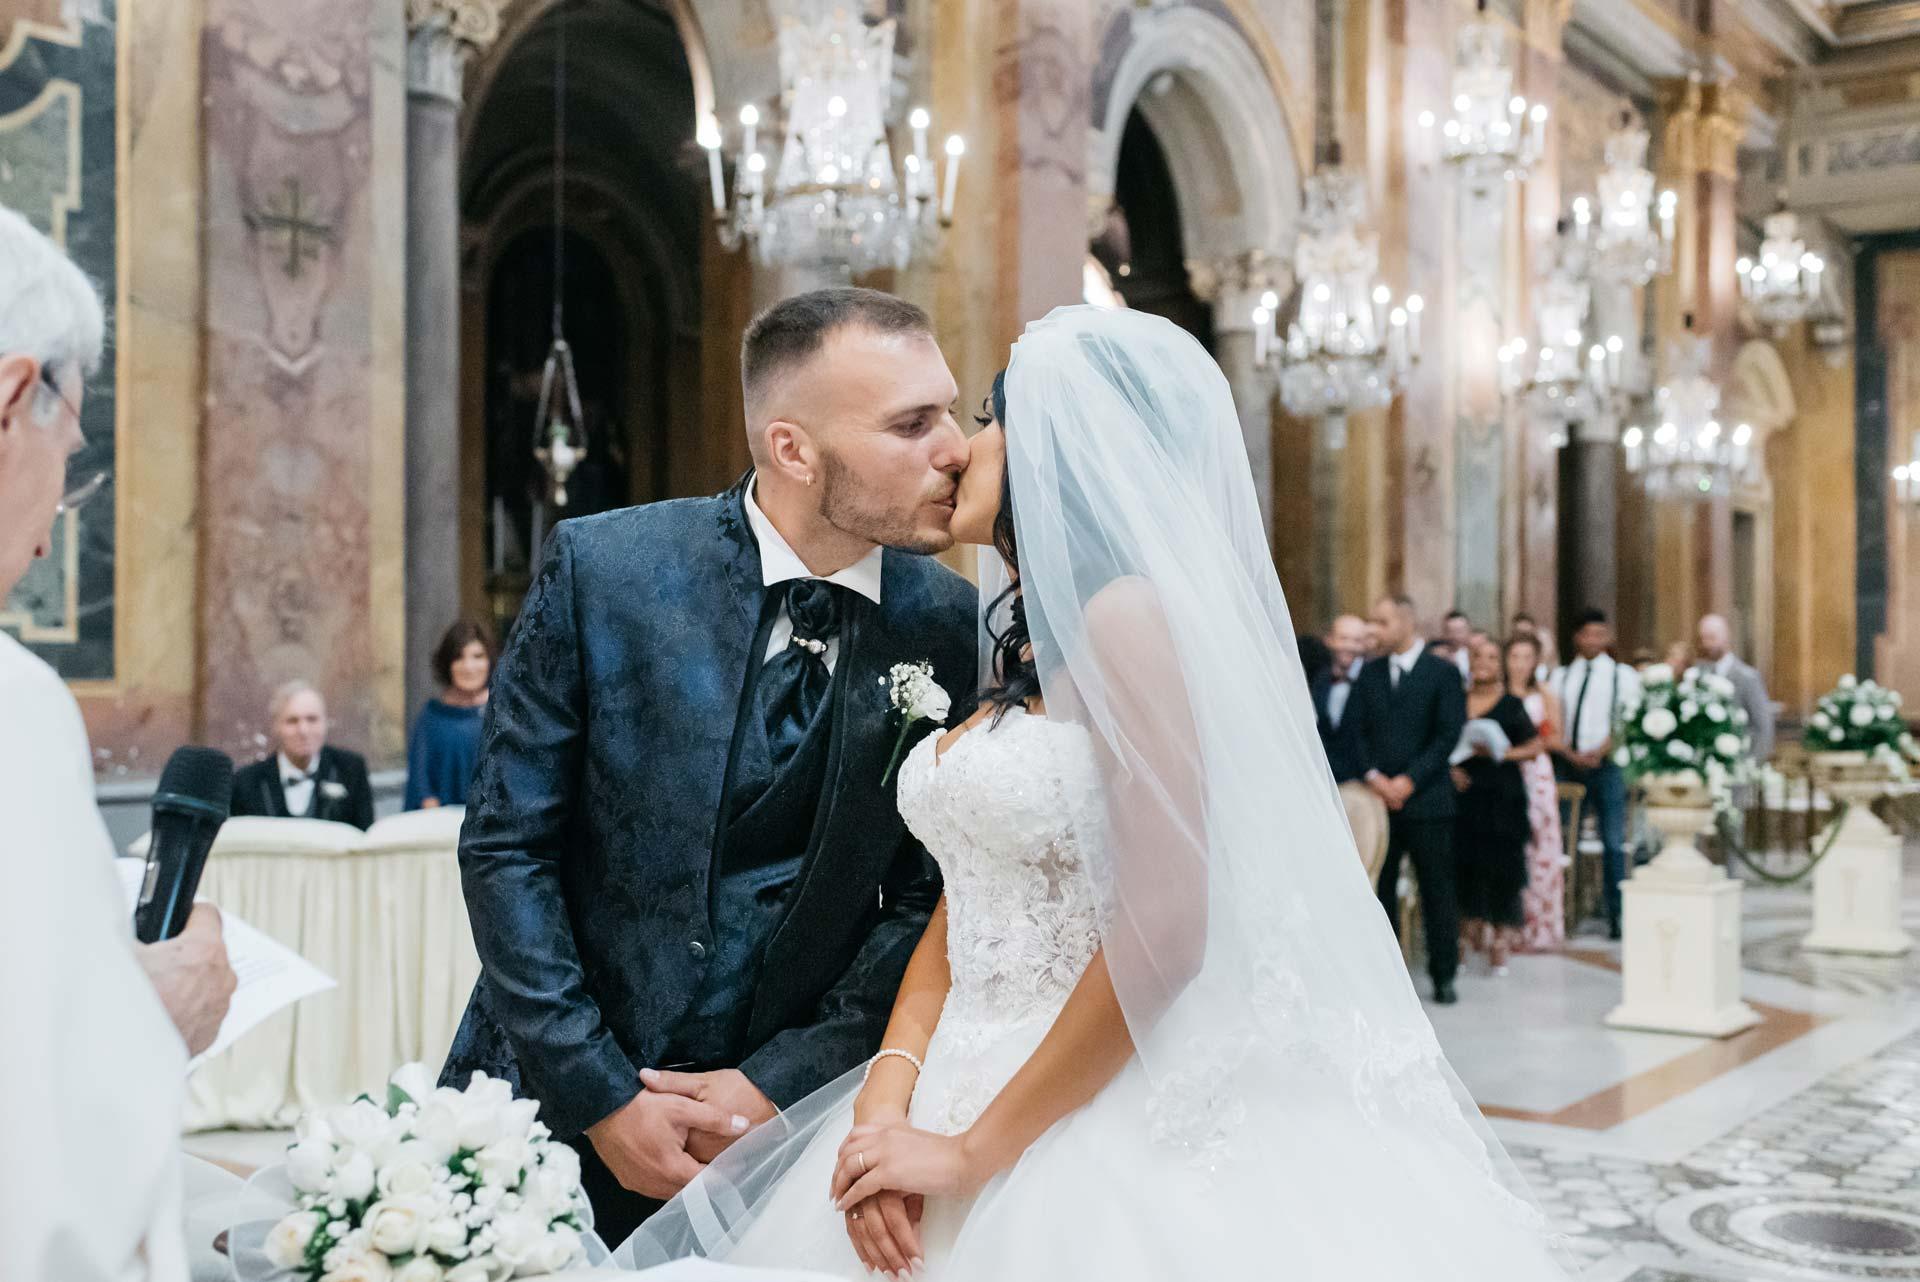 fotografo-matrimoni-reportage-basilica-santi-giovanni-e-paolo-12